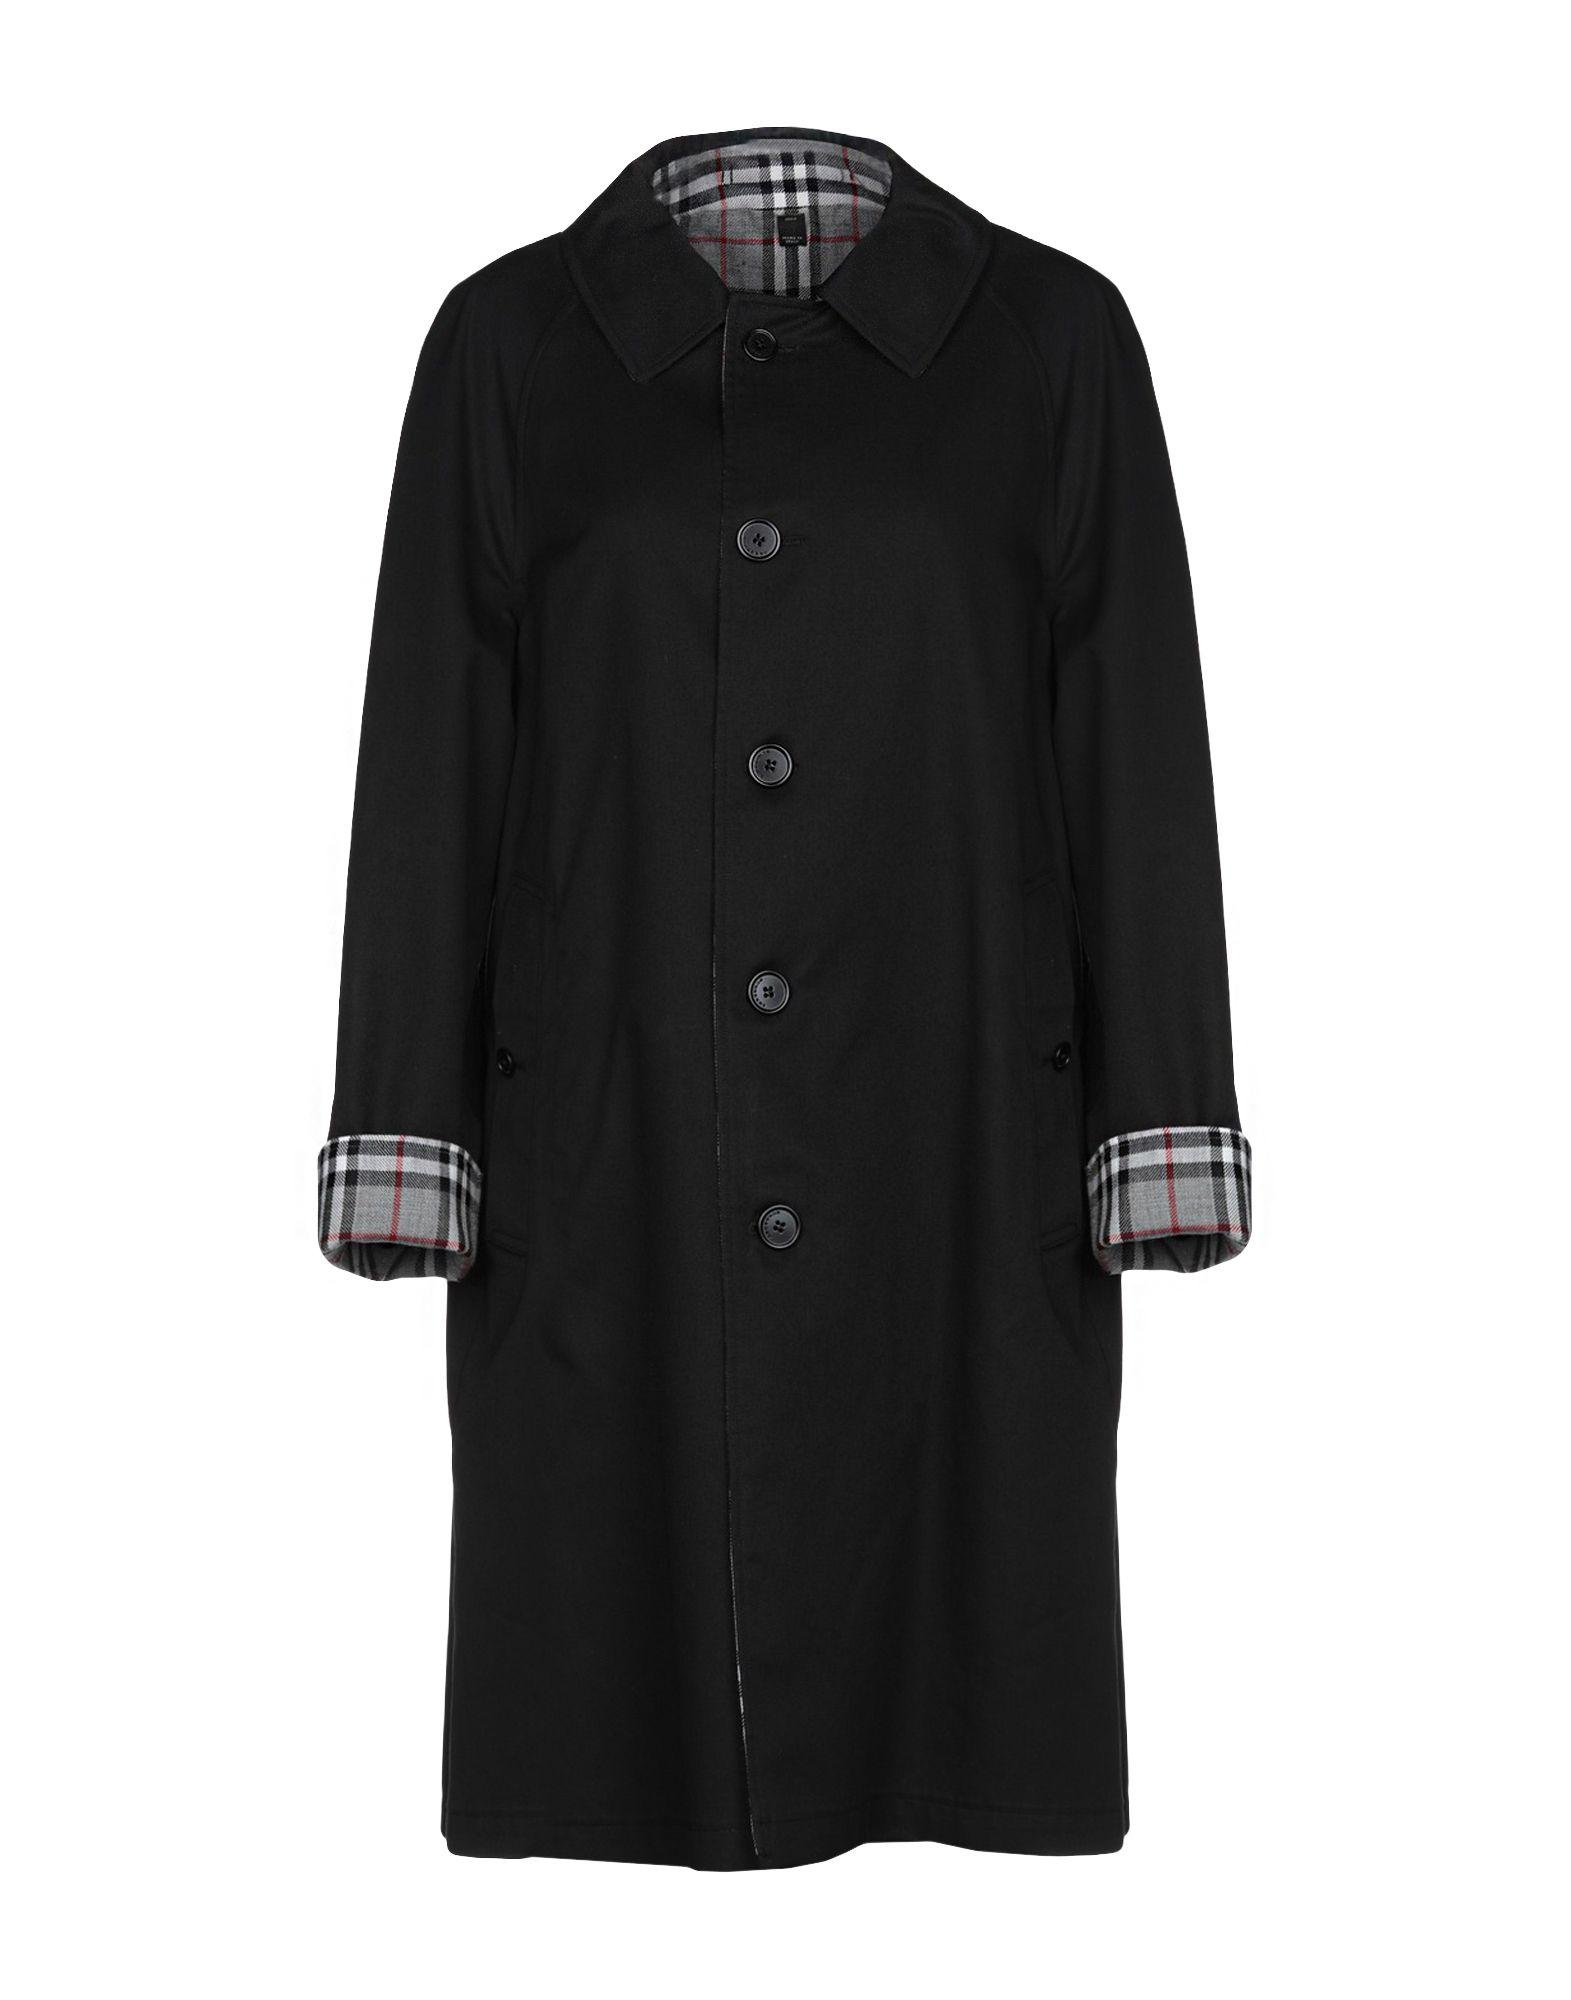 3c452c090ea4 Женские пальто Burberry купить в интернет магазине - официальный ...